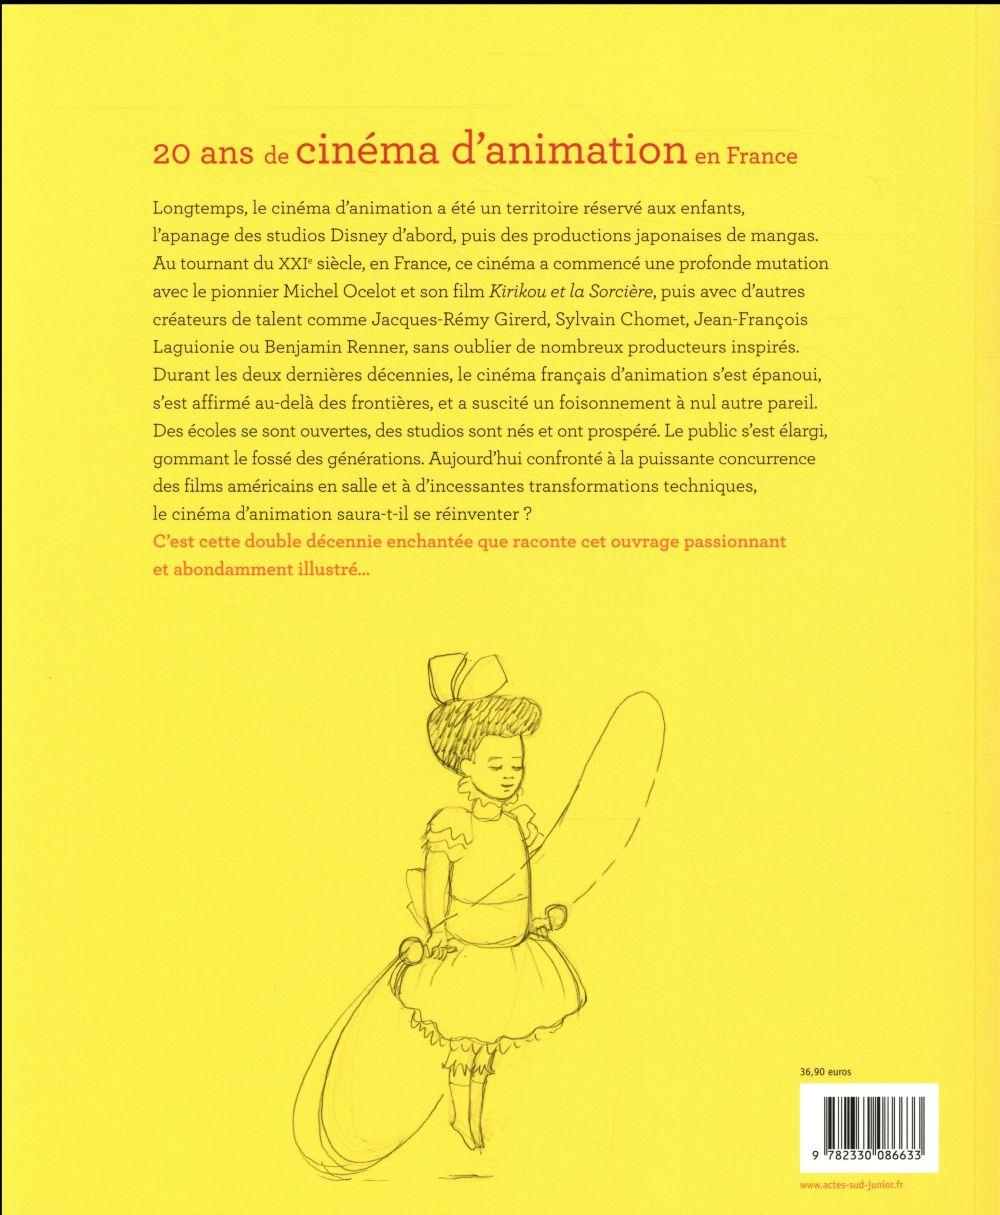 Kirikou et après... 20 ans de cinéma d'animation en France